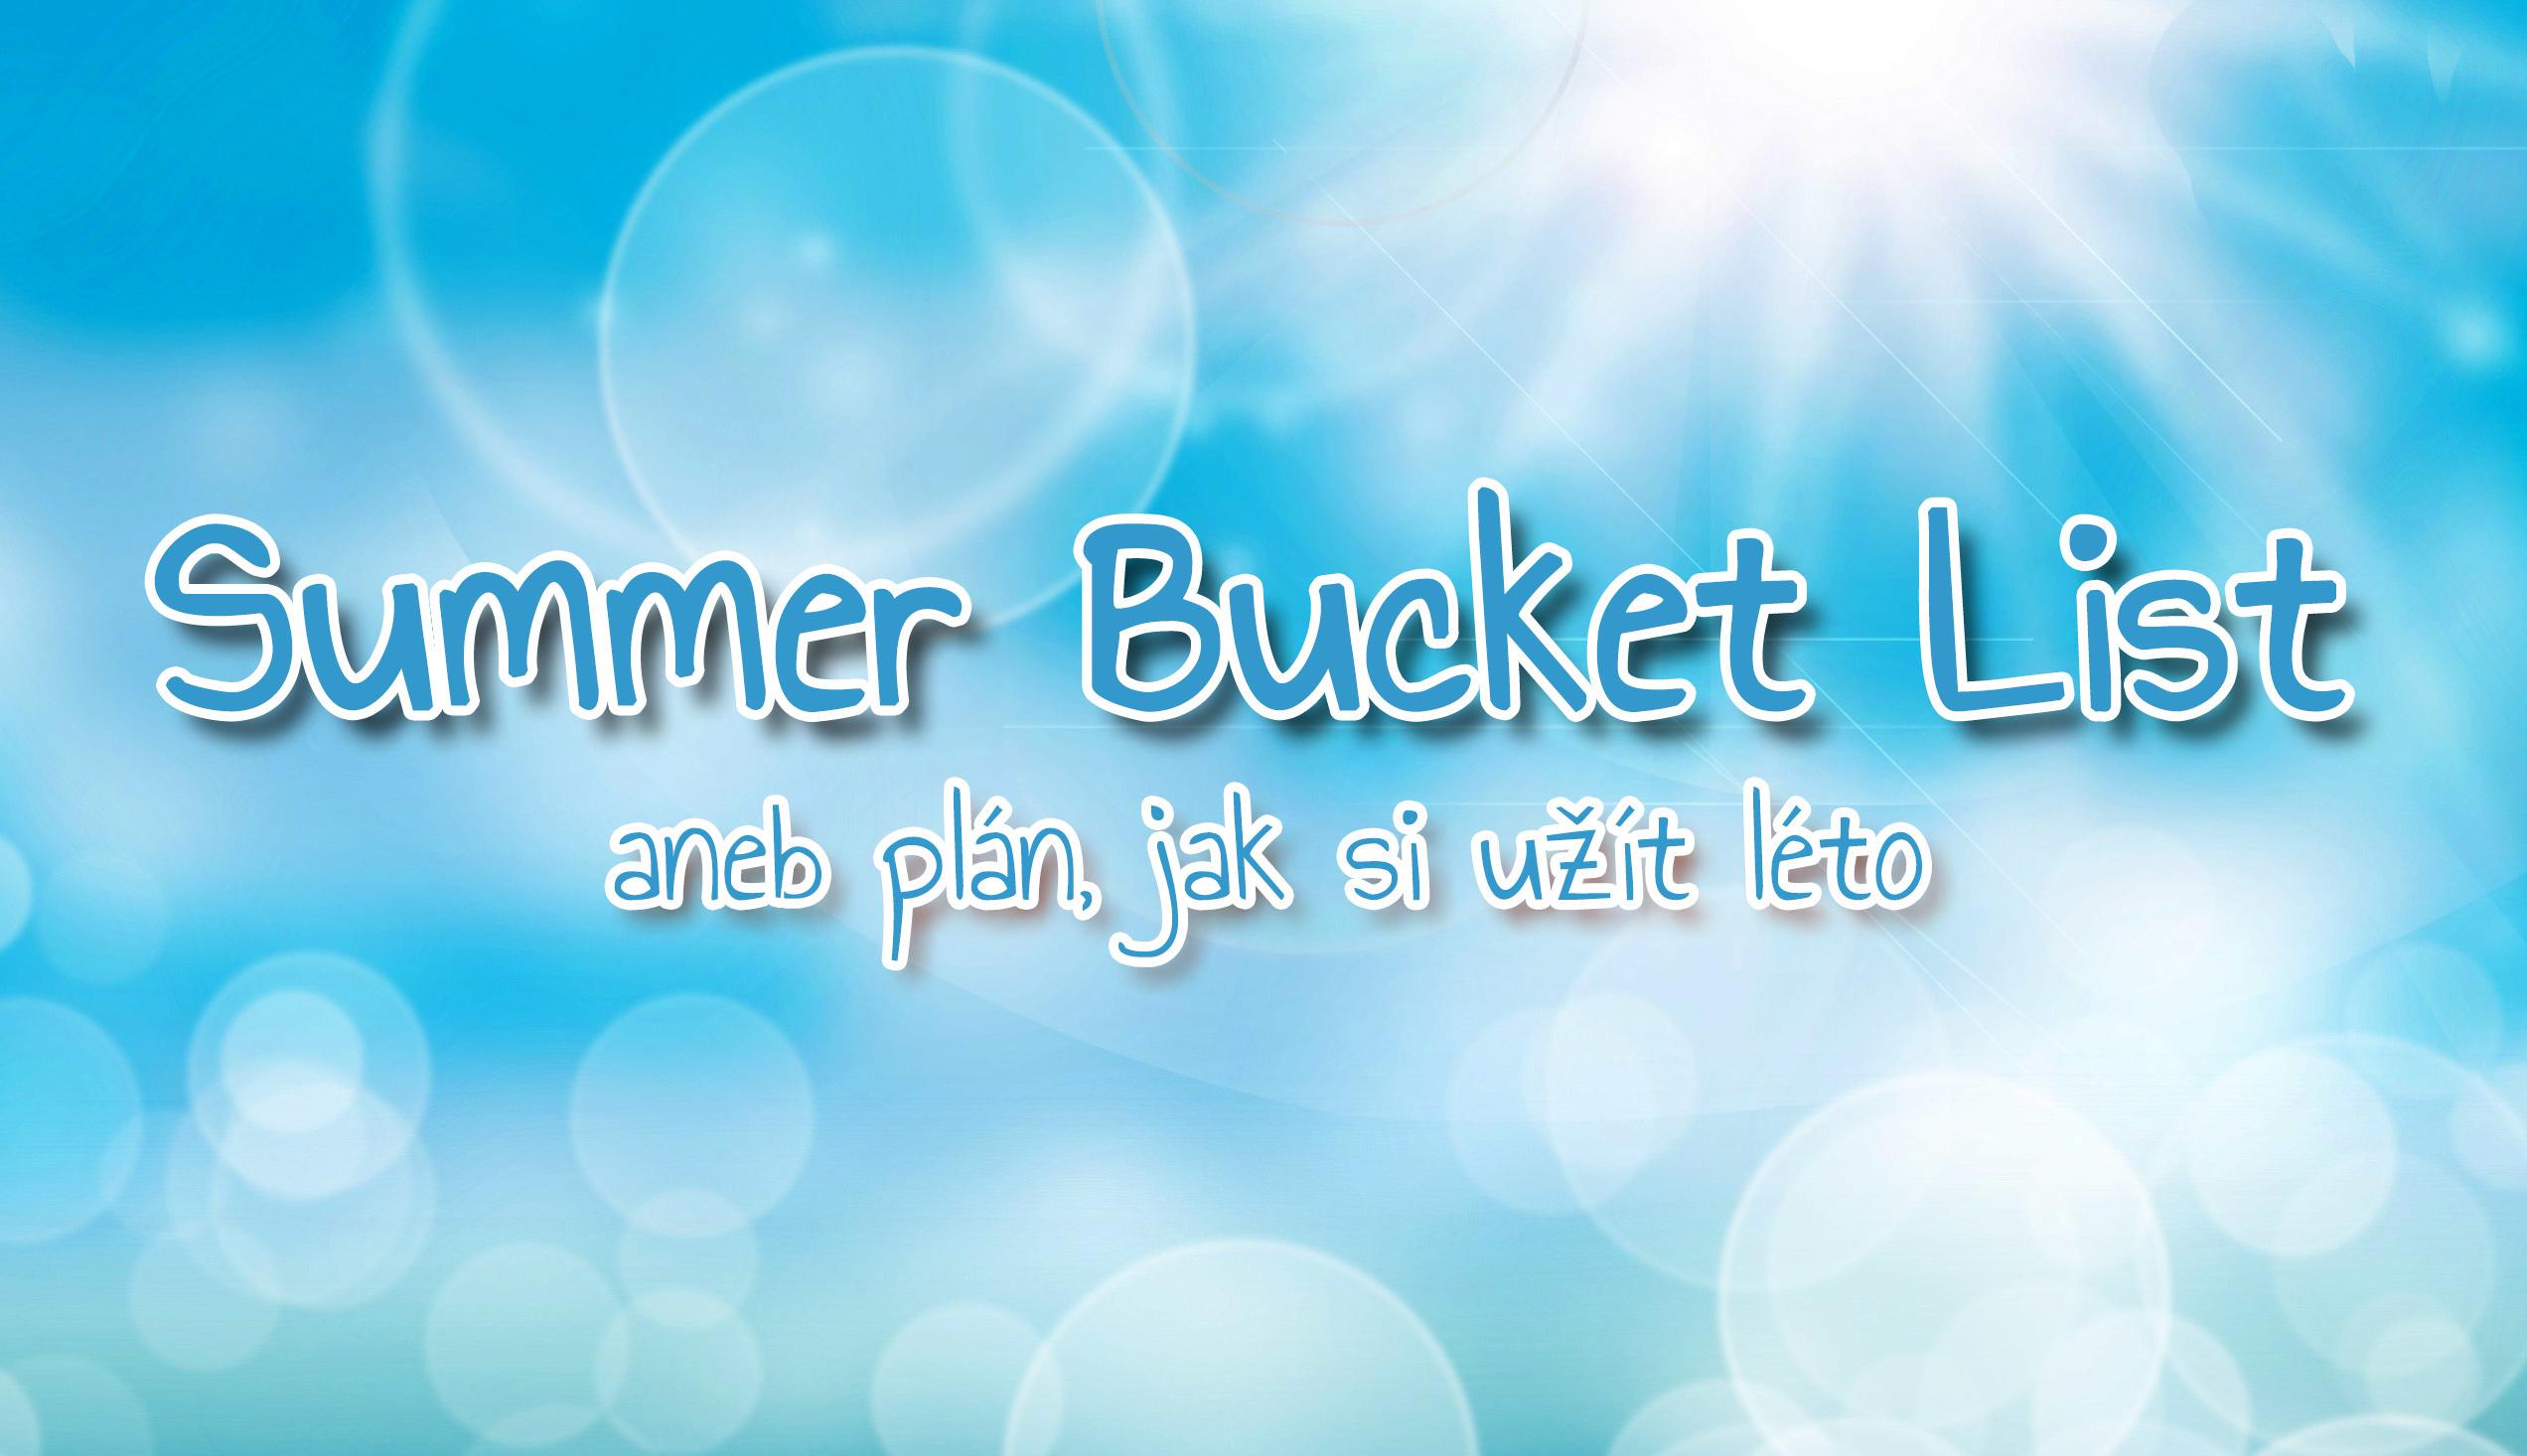 Summer Bucket List aneb plán, jak si maximálně užít léto